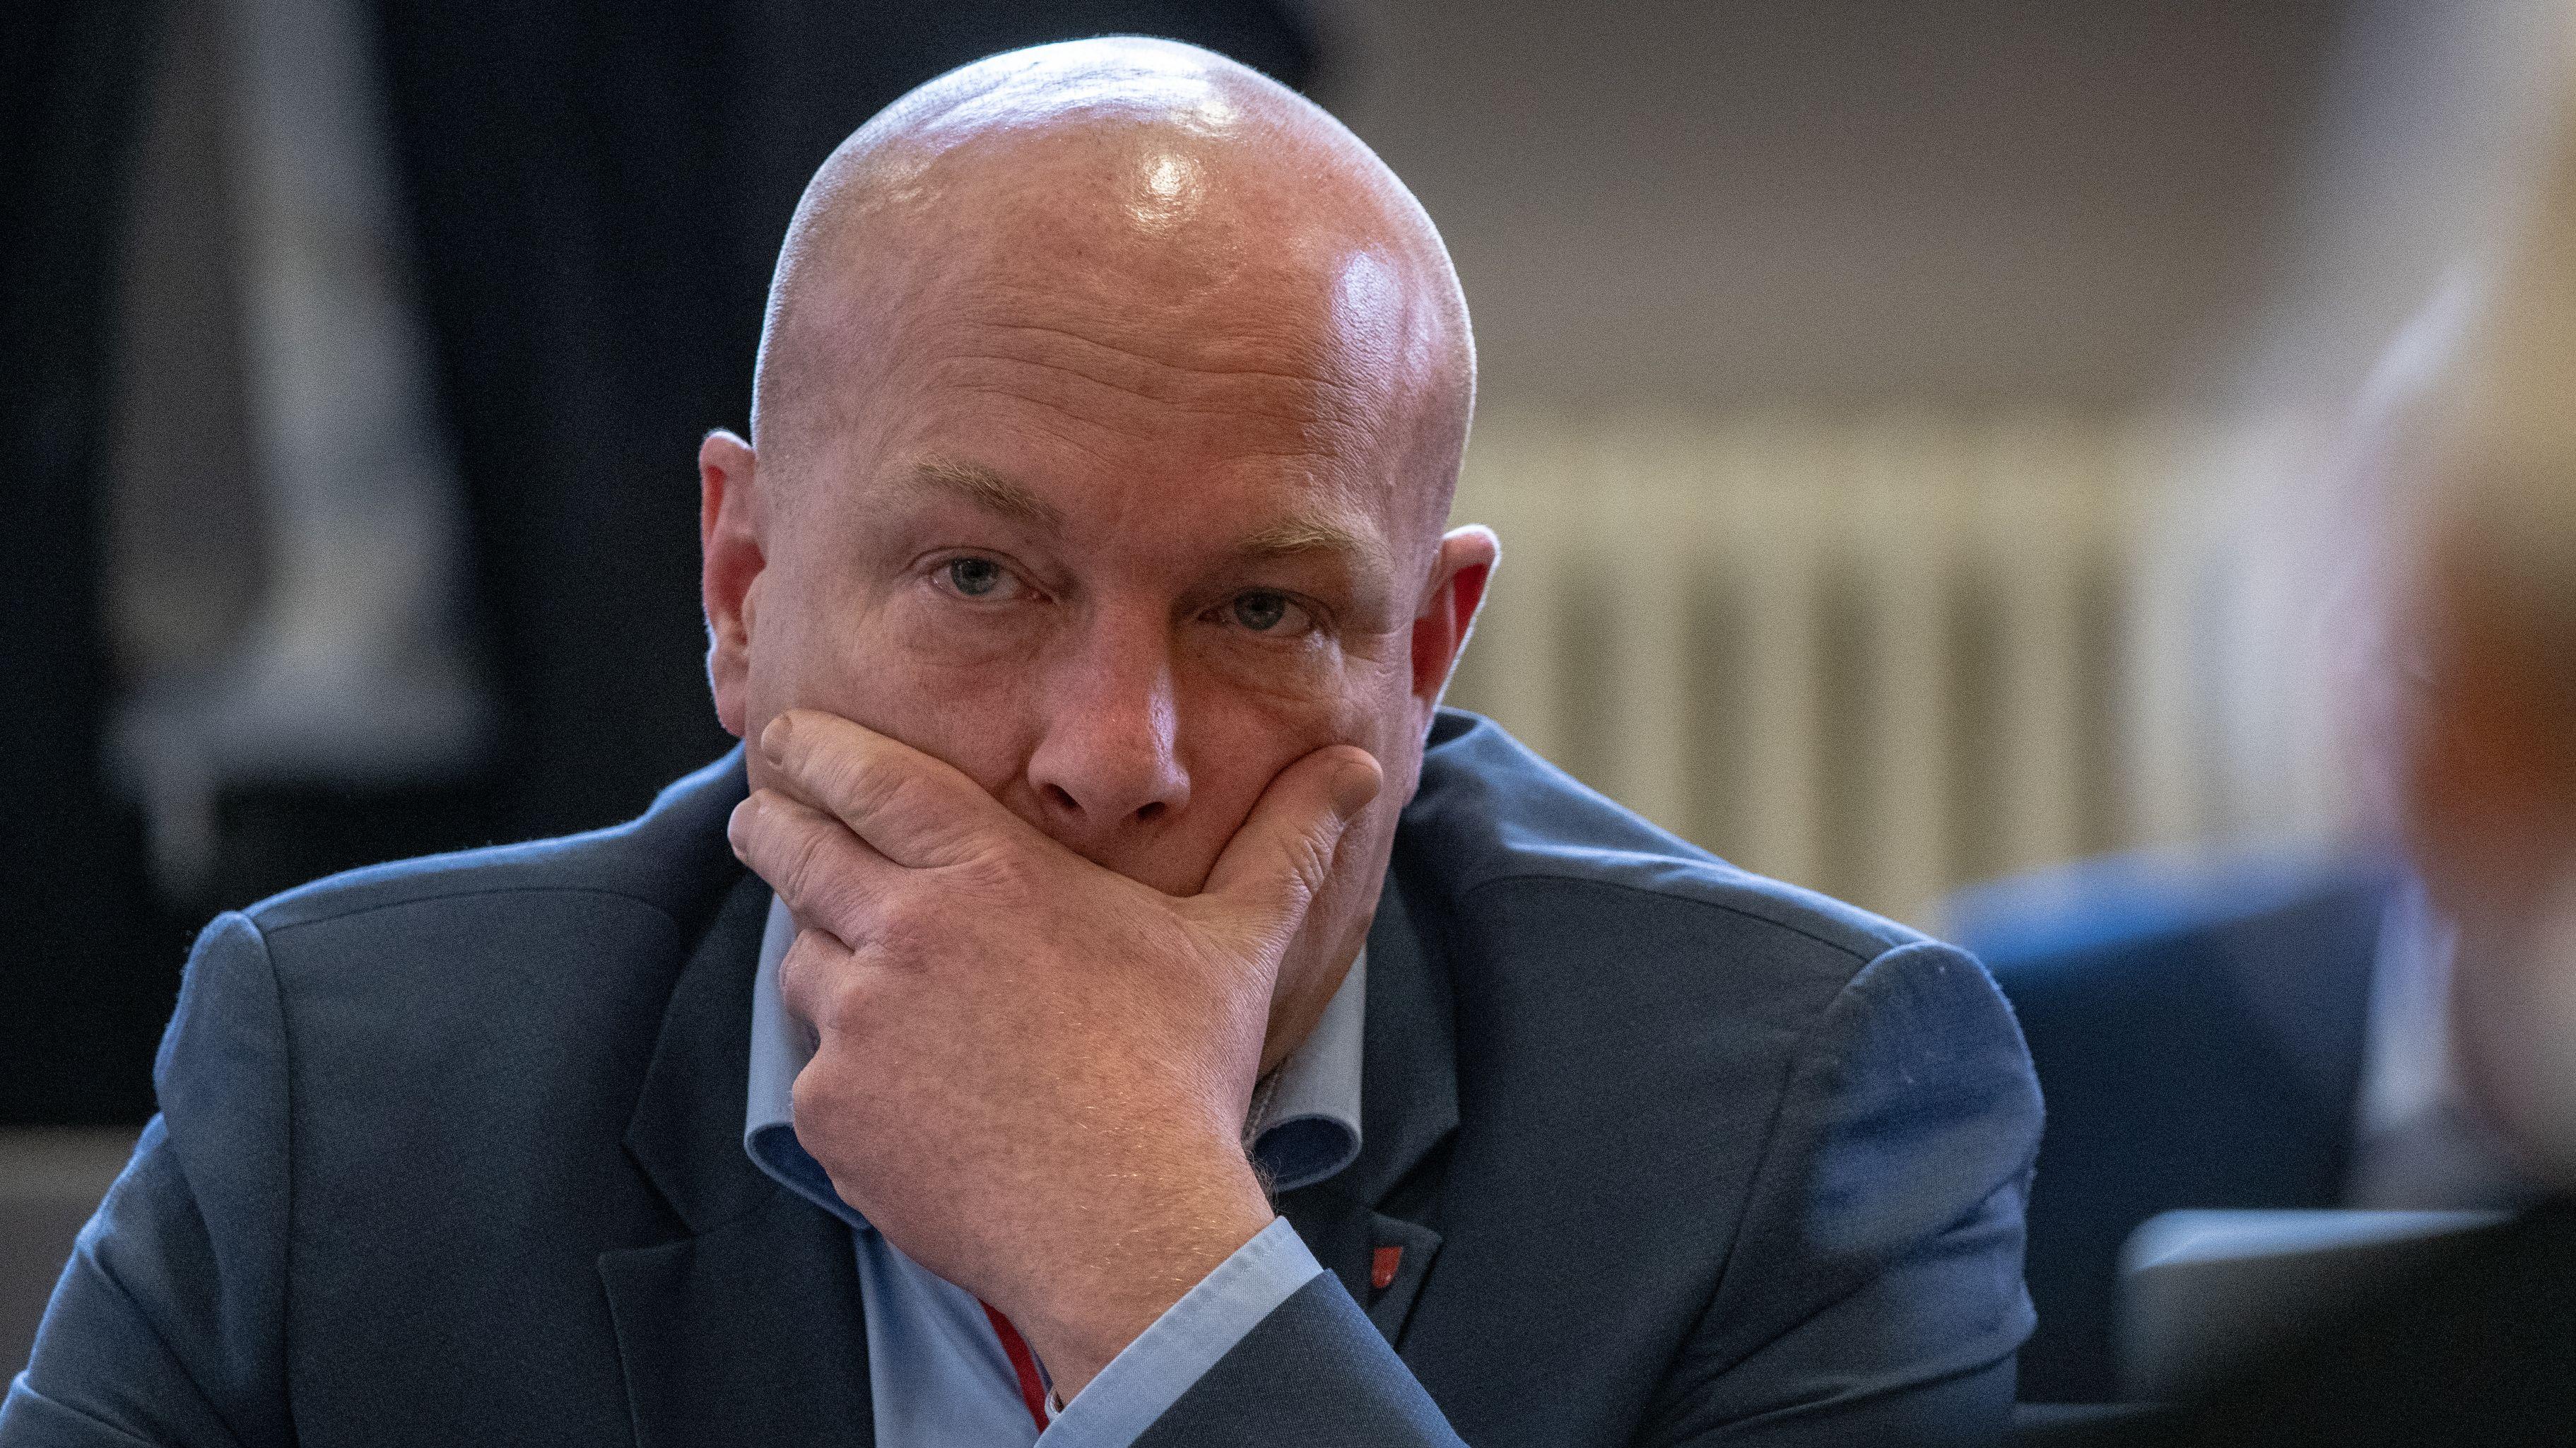 Joachim Wolbergs hat 2016 eine Baugenehmigung für eine Logistikhalle unterschrieben. Seine Beamten hatten die Unterschrift verweigert.